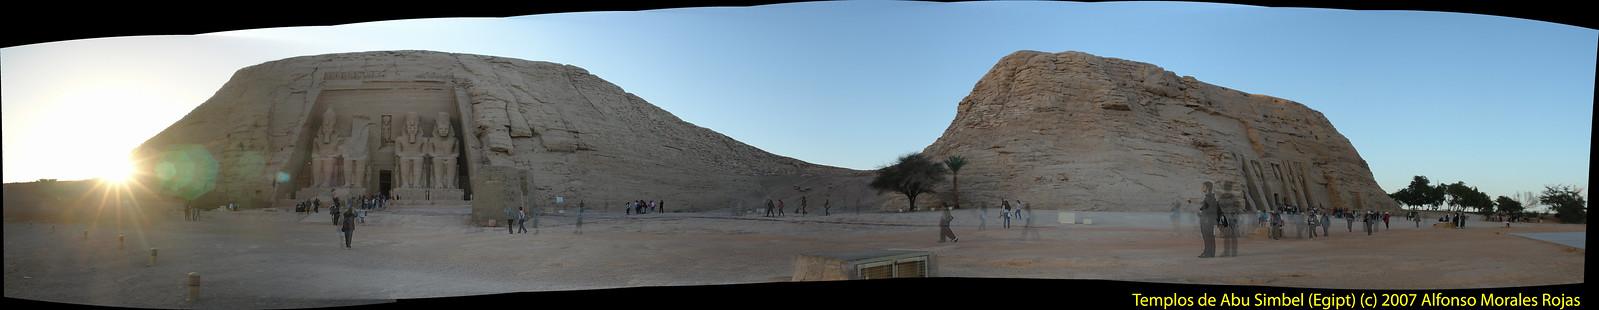 Templos de Abu Simbel, justo en frente del lago Nasser y de su ubicación original, a 90 metros por encima de su enclave original. Abu Simbel, el templo de las dos vidas - 6990455441 b80b12b75d h - Abu Simbel, el templo de las dos vidas